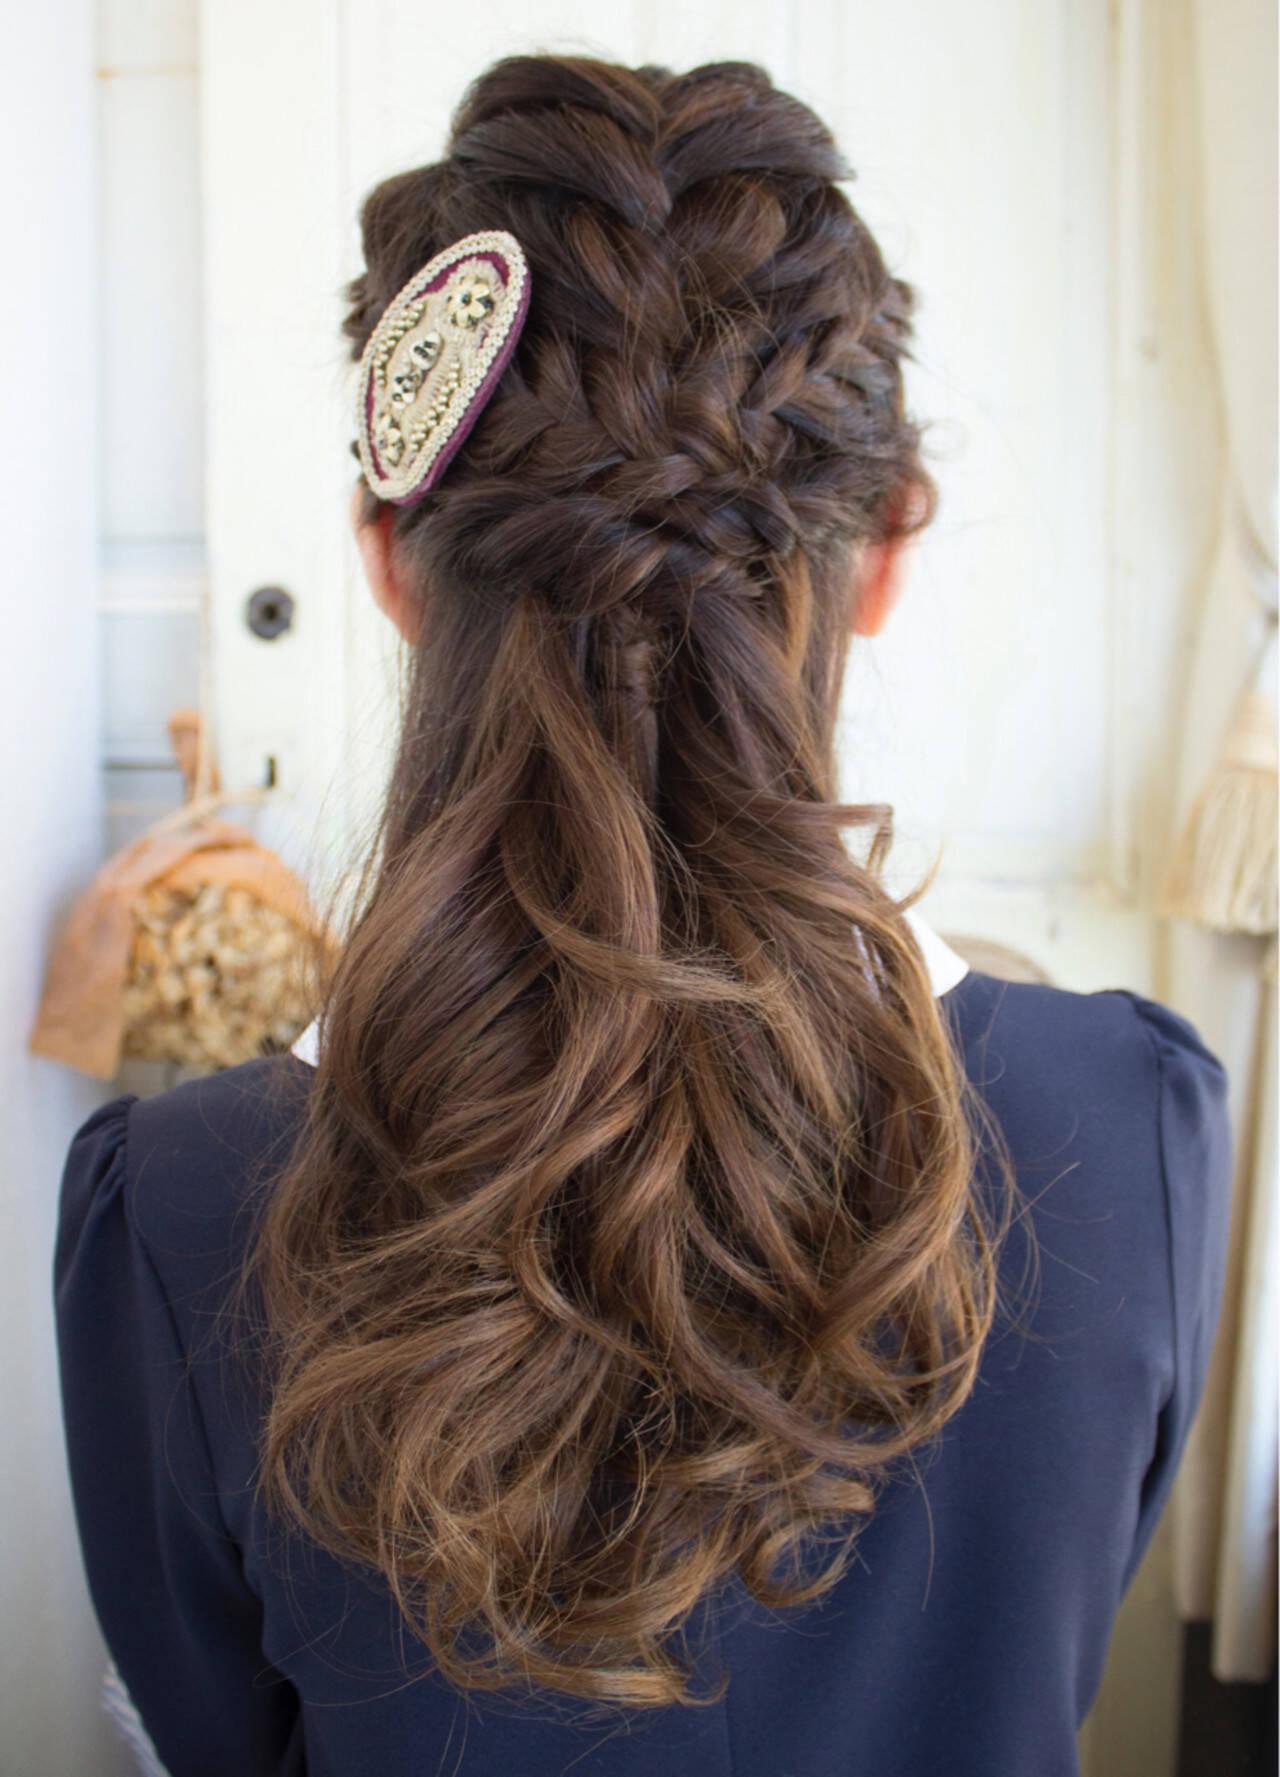 ヘアアレンジ 編み込み ハーフアップ ロングヘアスタイルや髪型の写真・画像